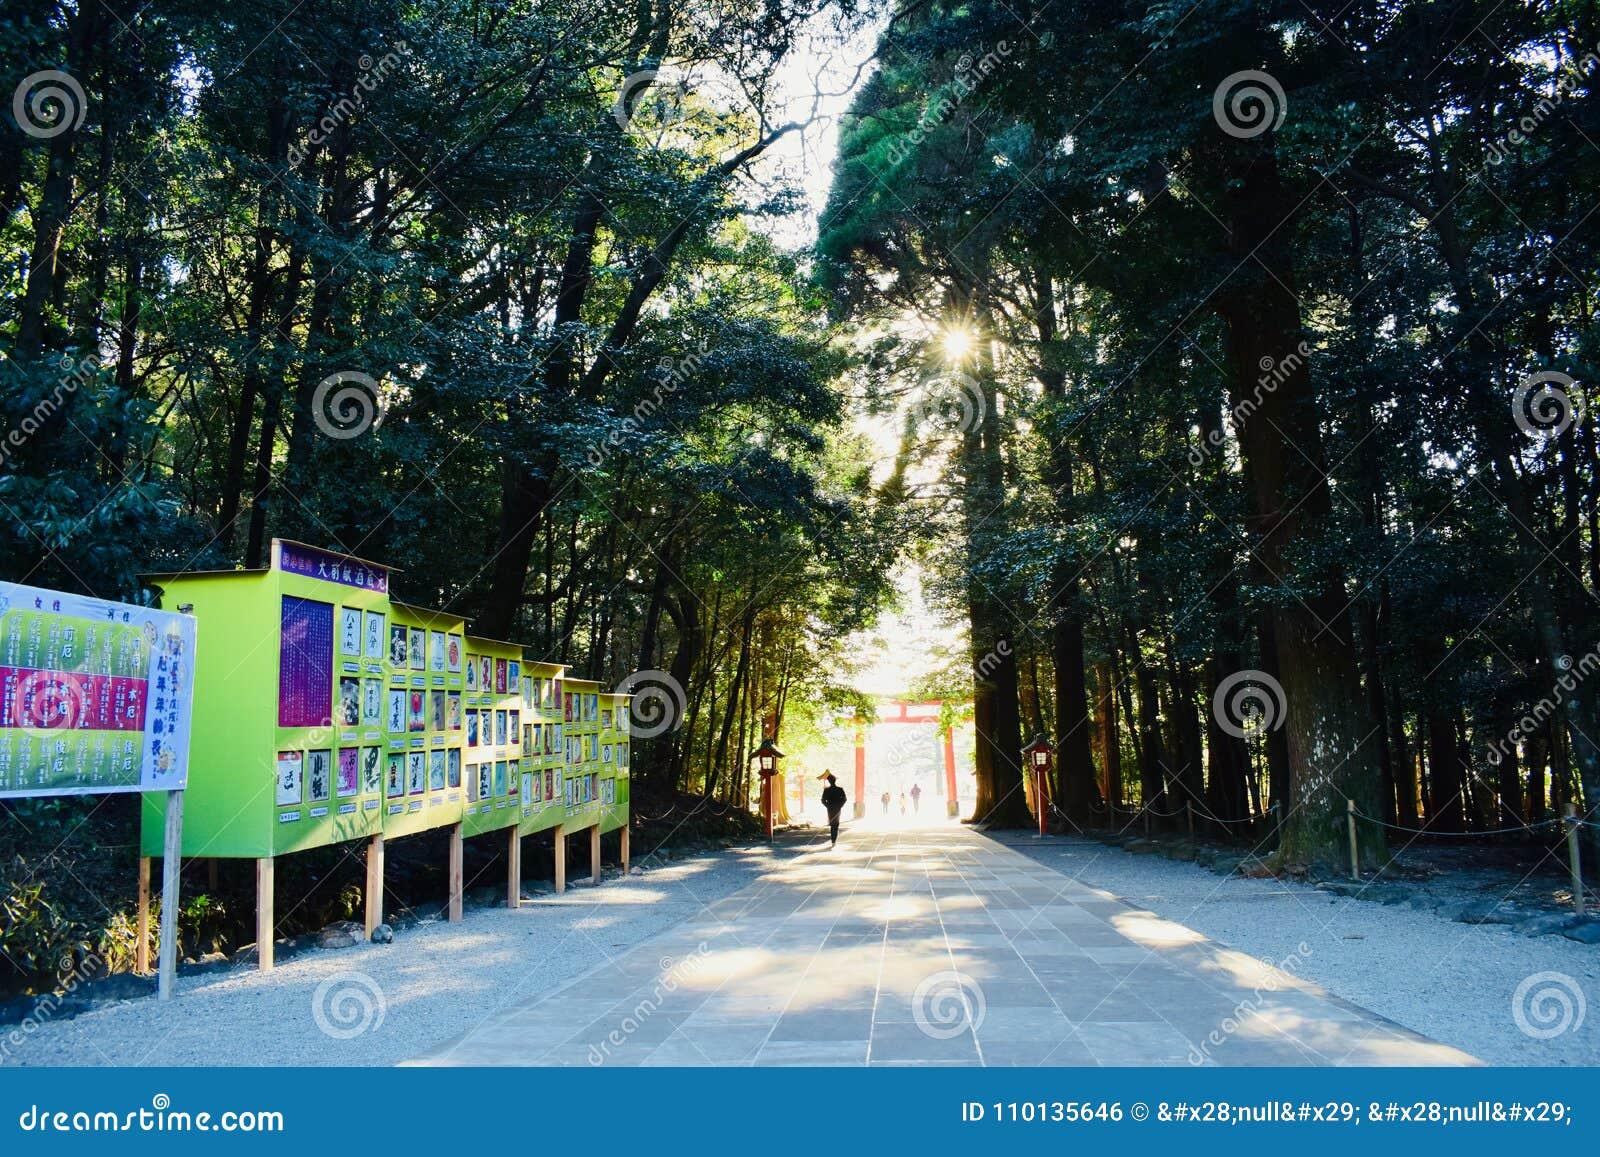 Puerta de un templo en Kagoshima, Japón, con muchos árboles verdes